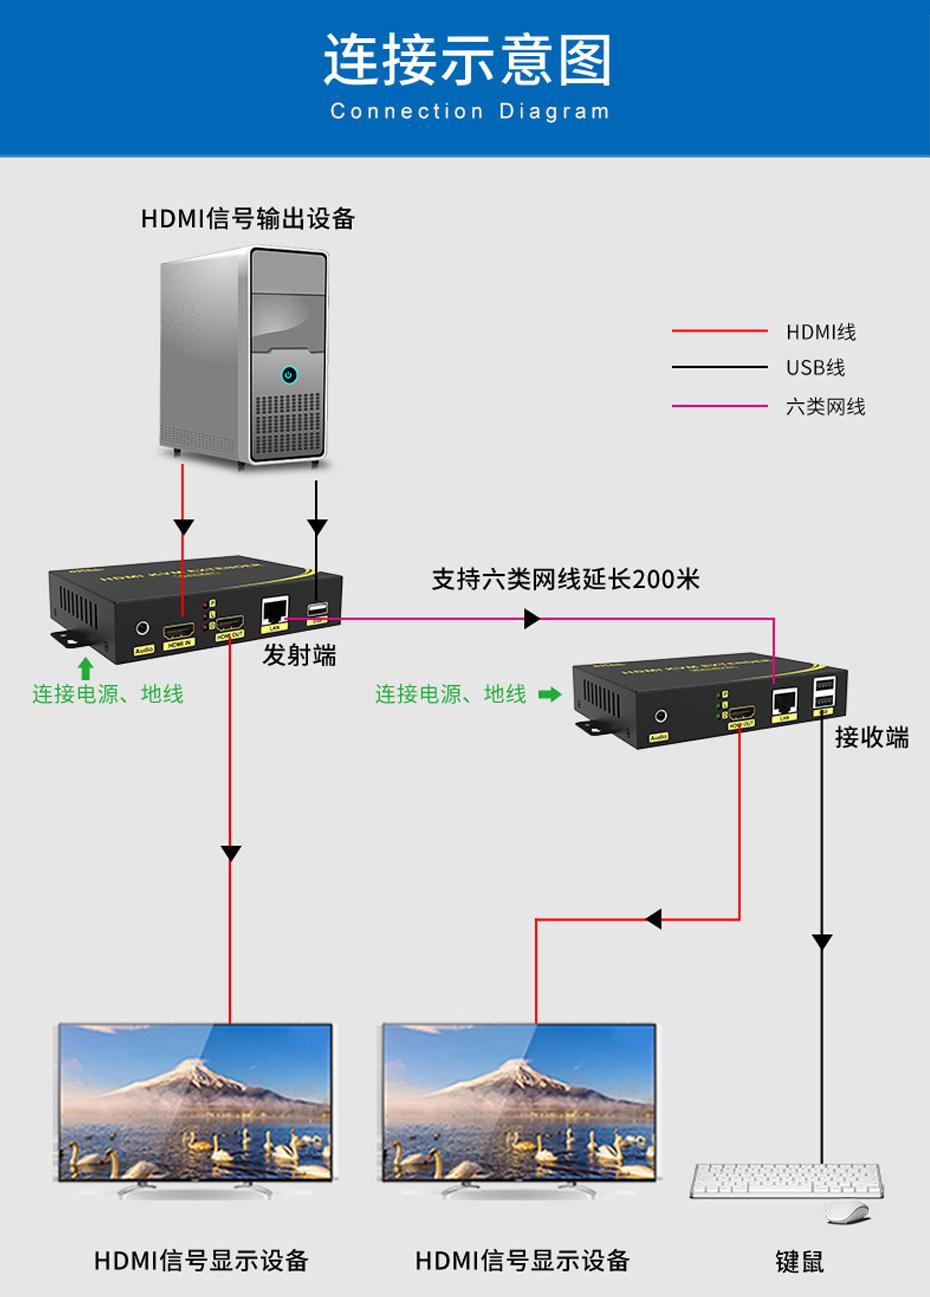 200米HDMI KVM网络延长器HKU200连接使用示意图